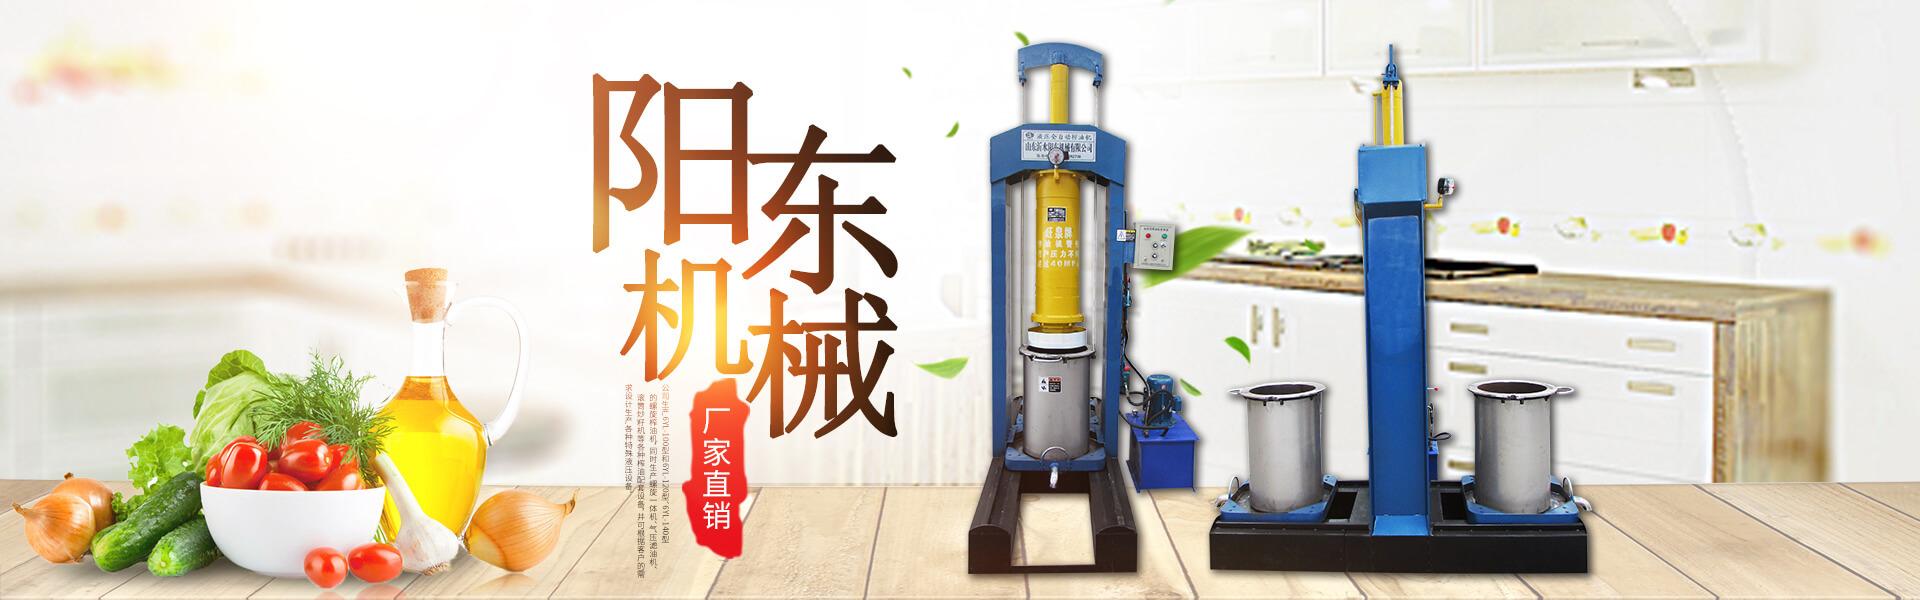 螺旋榨油机厂家,山东核桃榨油机,临沂榨油机设备,全自动榨油机,液压榨油机,螺旋榨油机,全自动液压榨油机,全自动螺旋榨油机